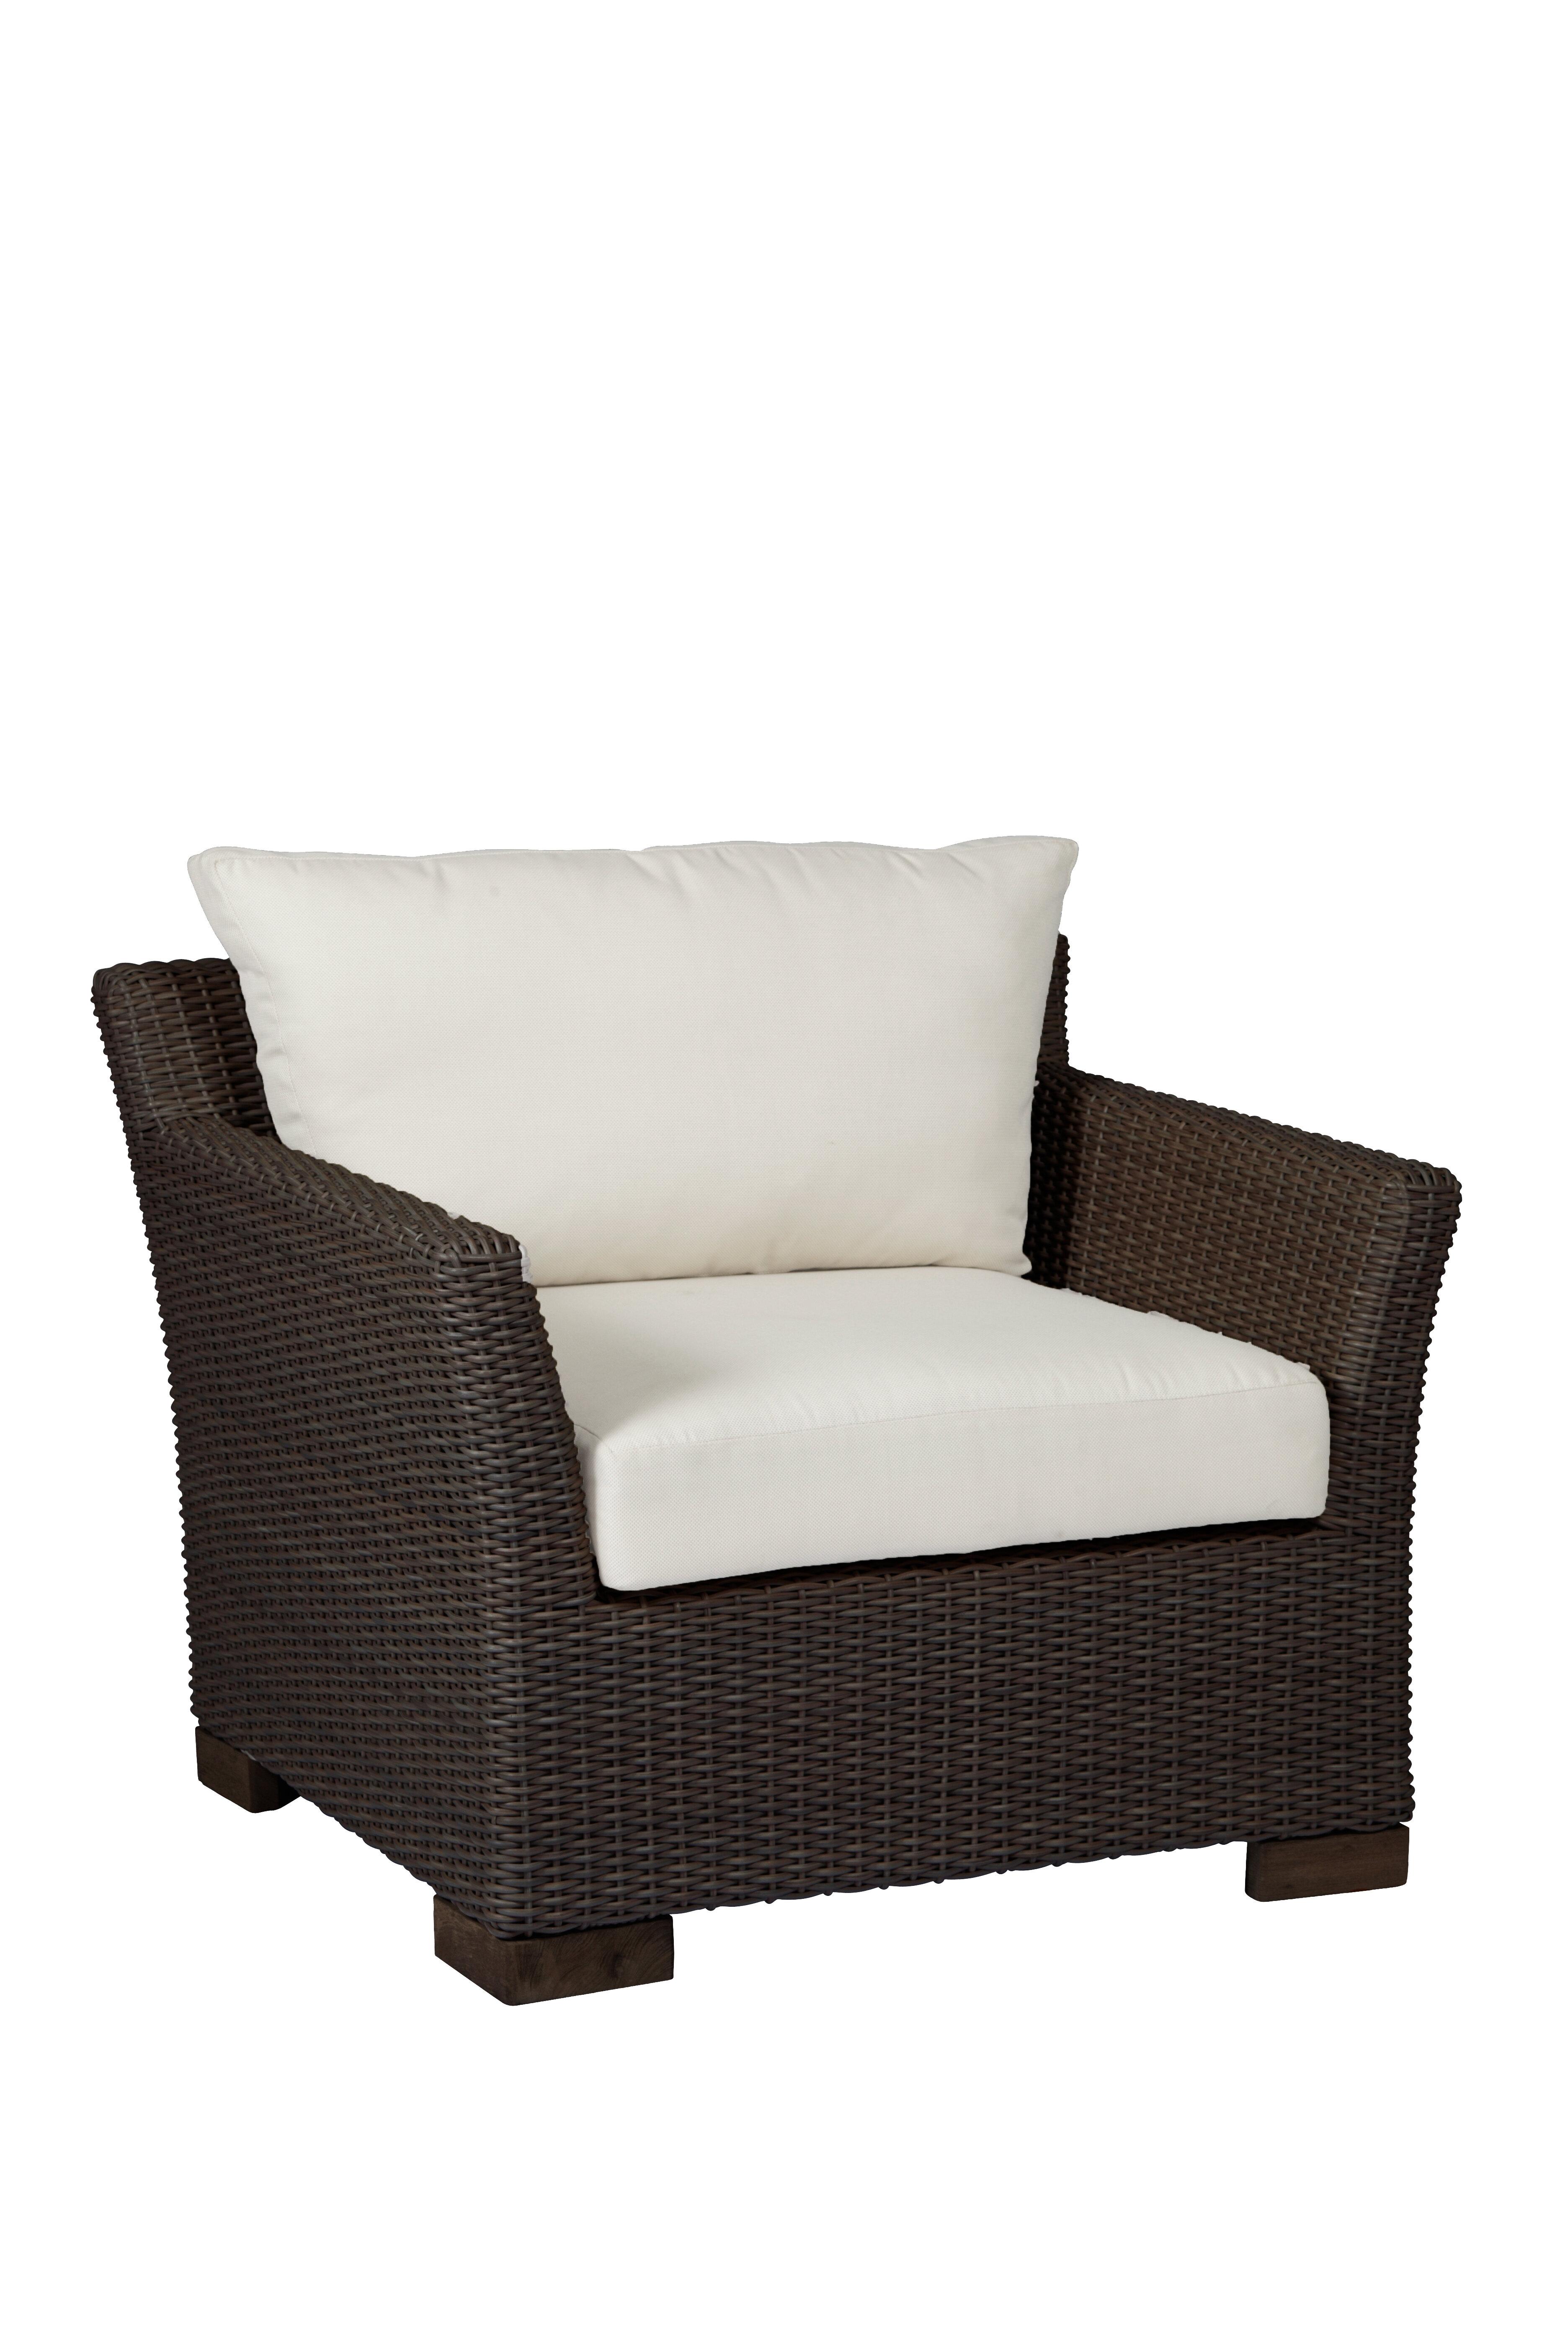 Summer Clics Club Woven Patio Chair